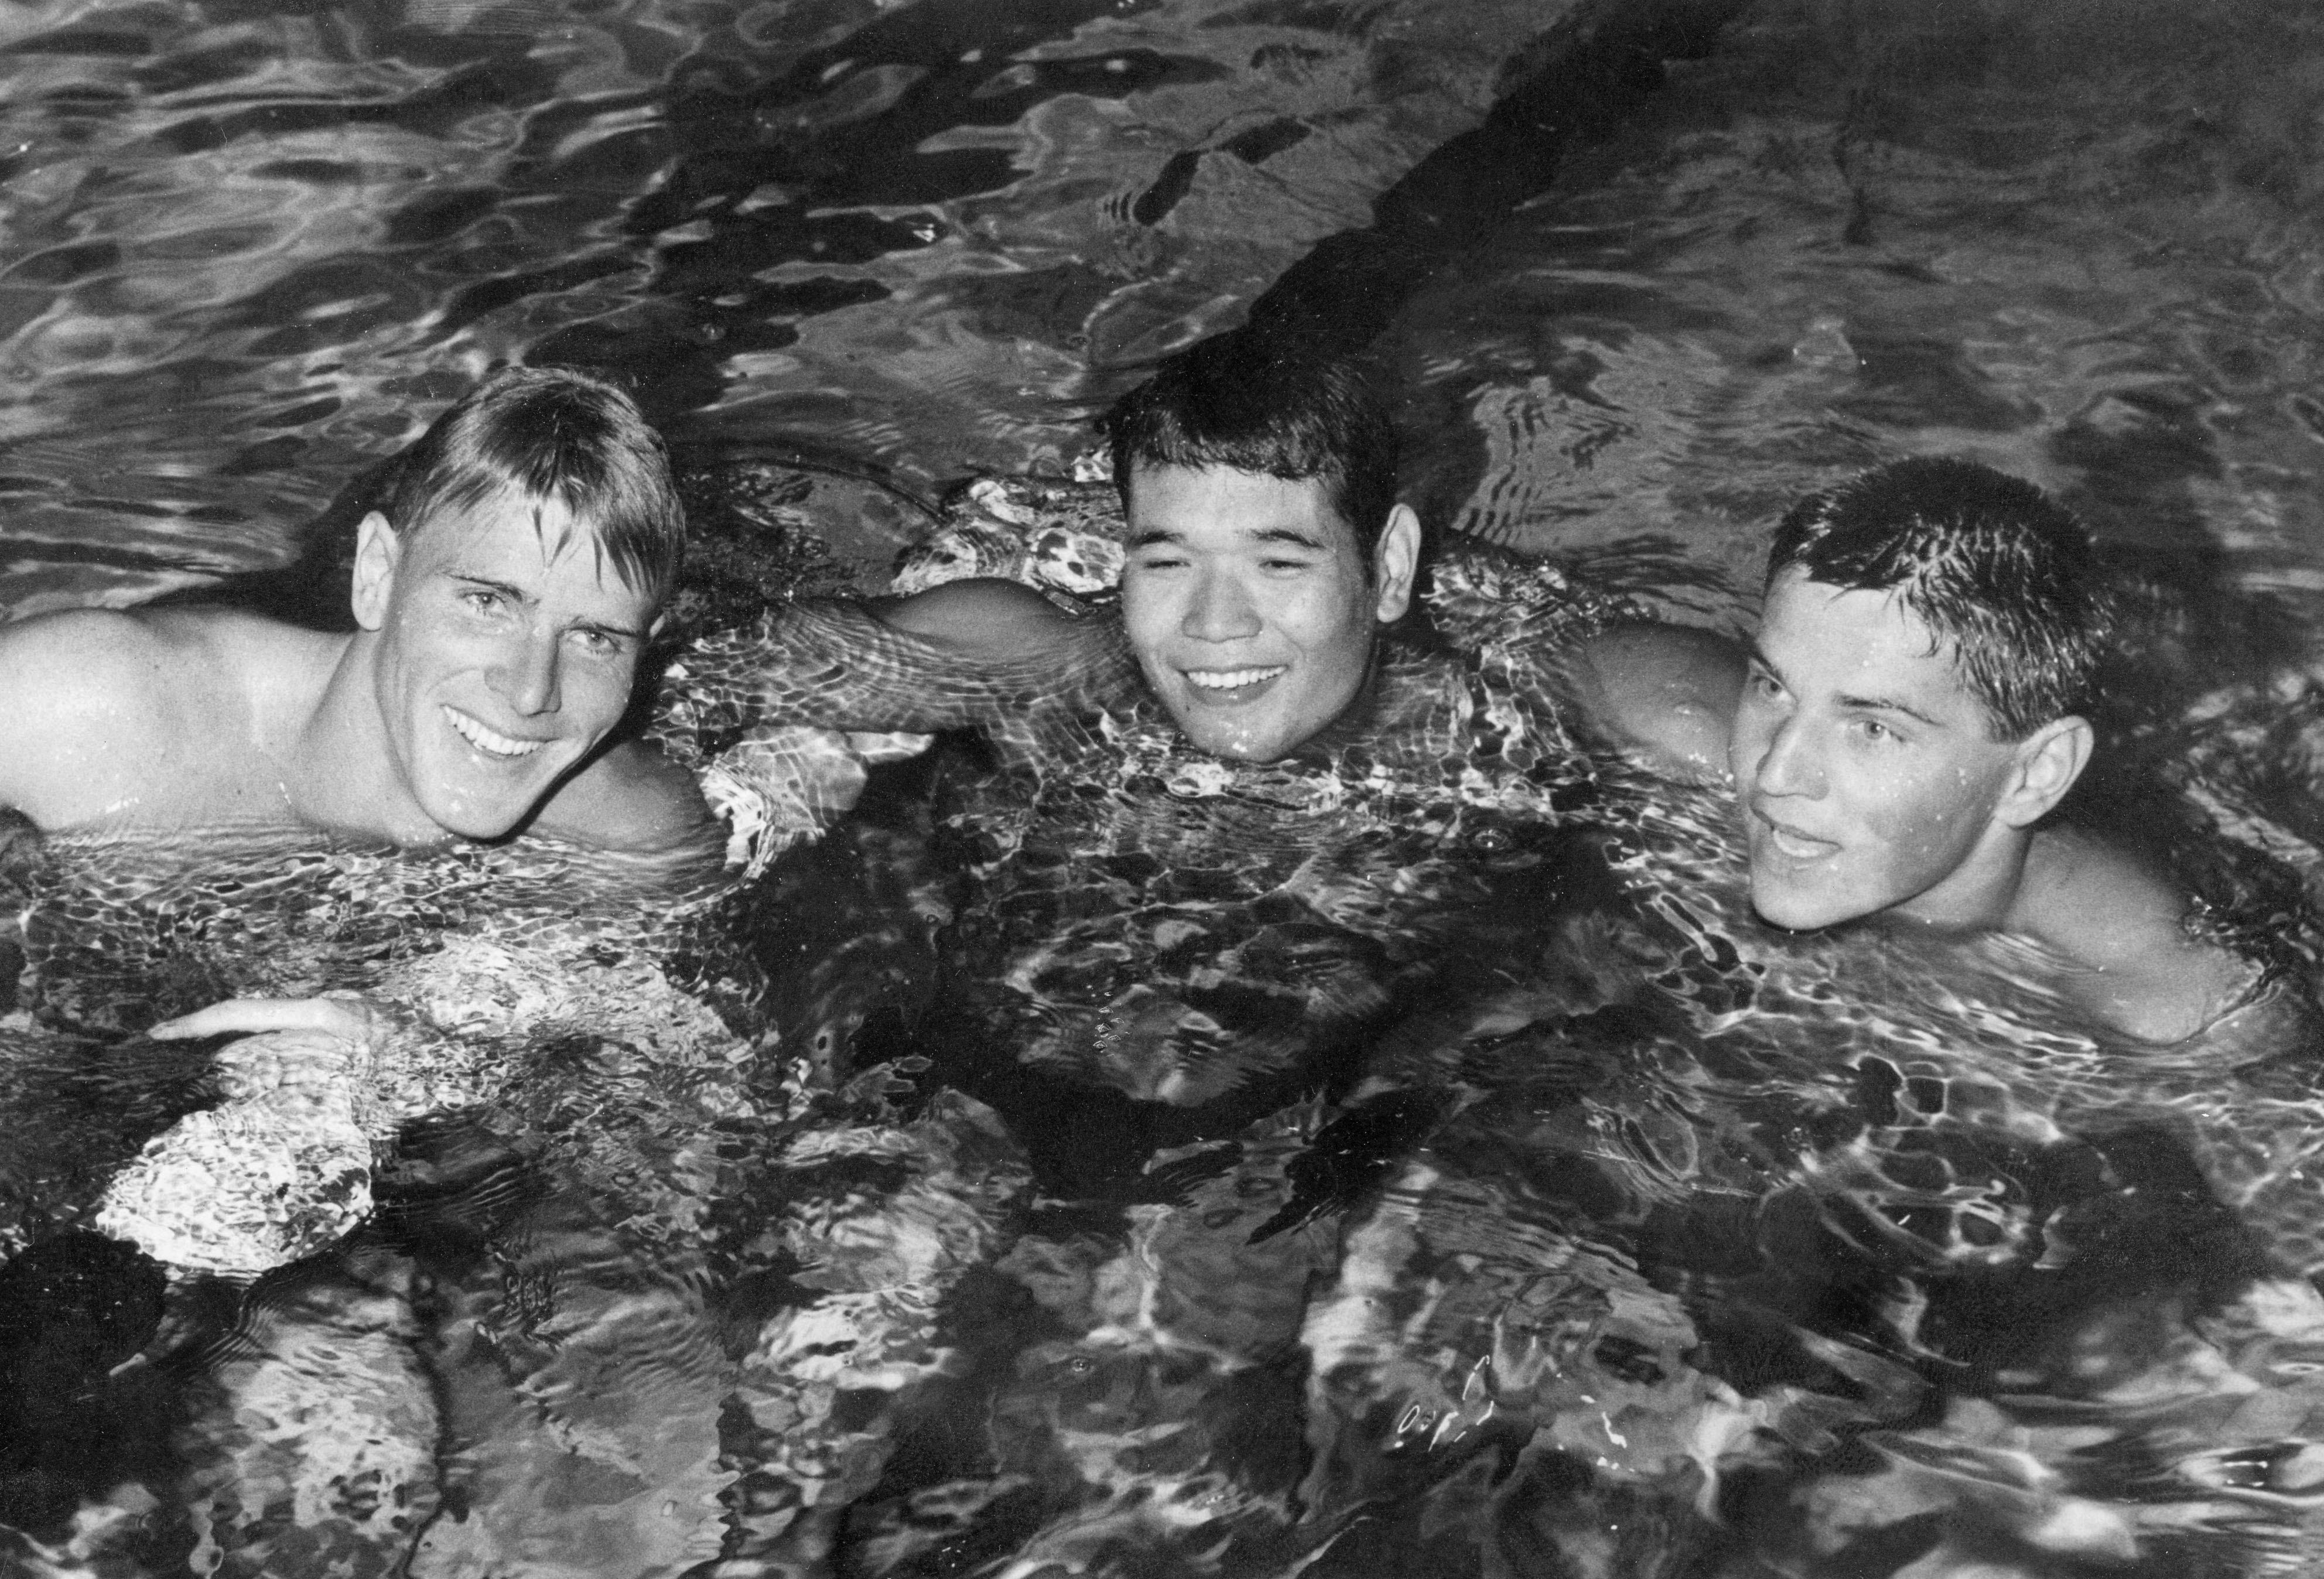 1960年ローマ五輪の競泳男子400㍍自由形で3位になったジョン・コンラッズ(右)。優勝したマレー・ローズ(左)、2位の山中毅と健闘をたたえ合った(UPI=共同)